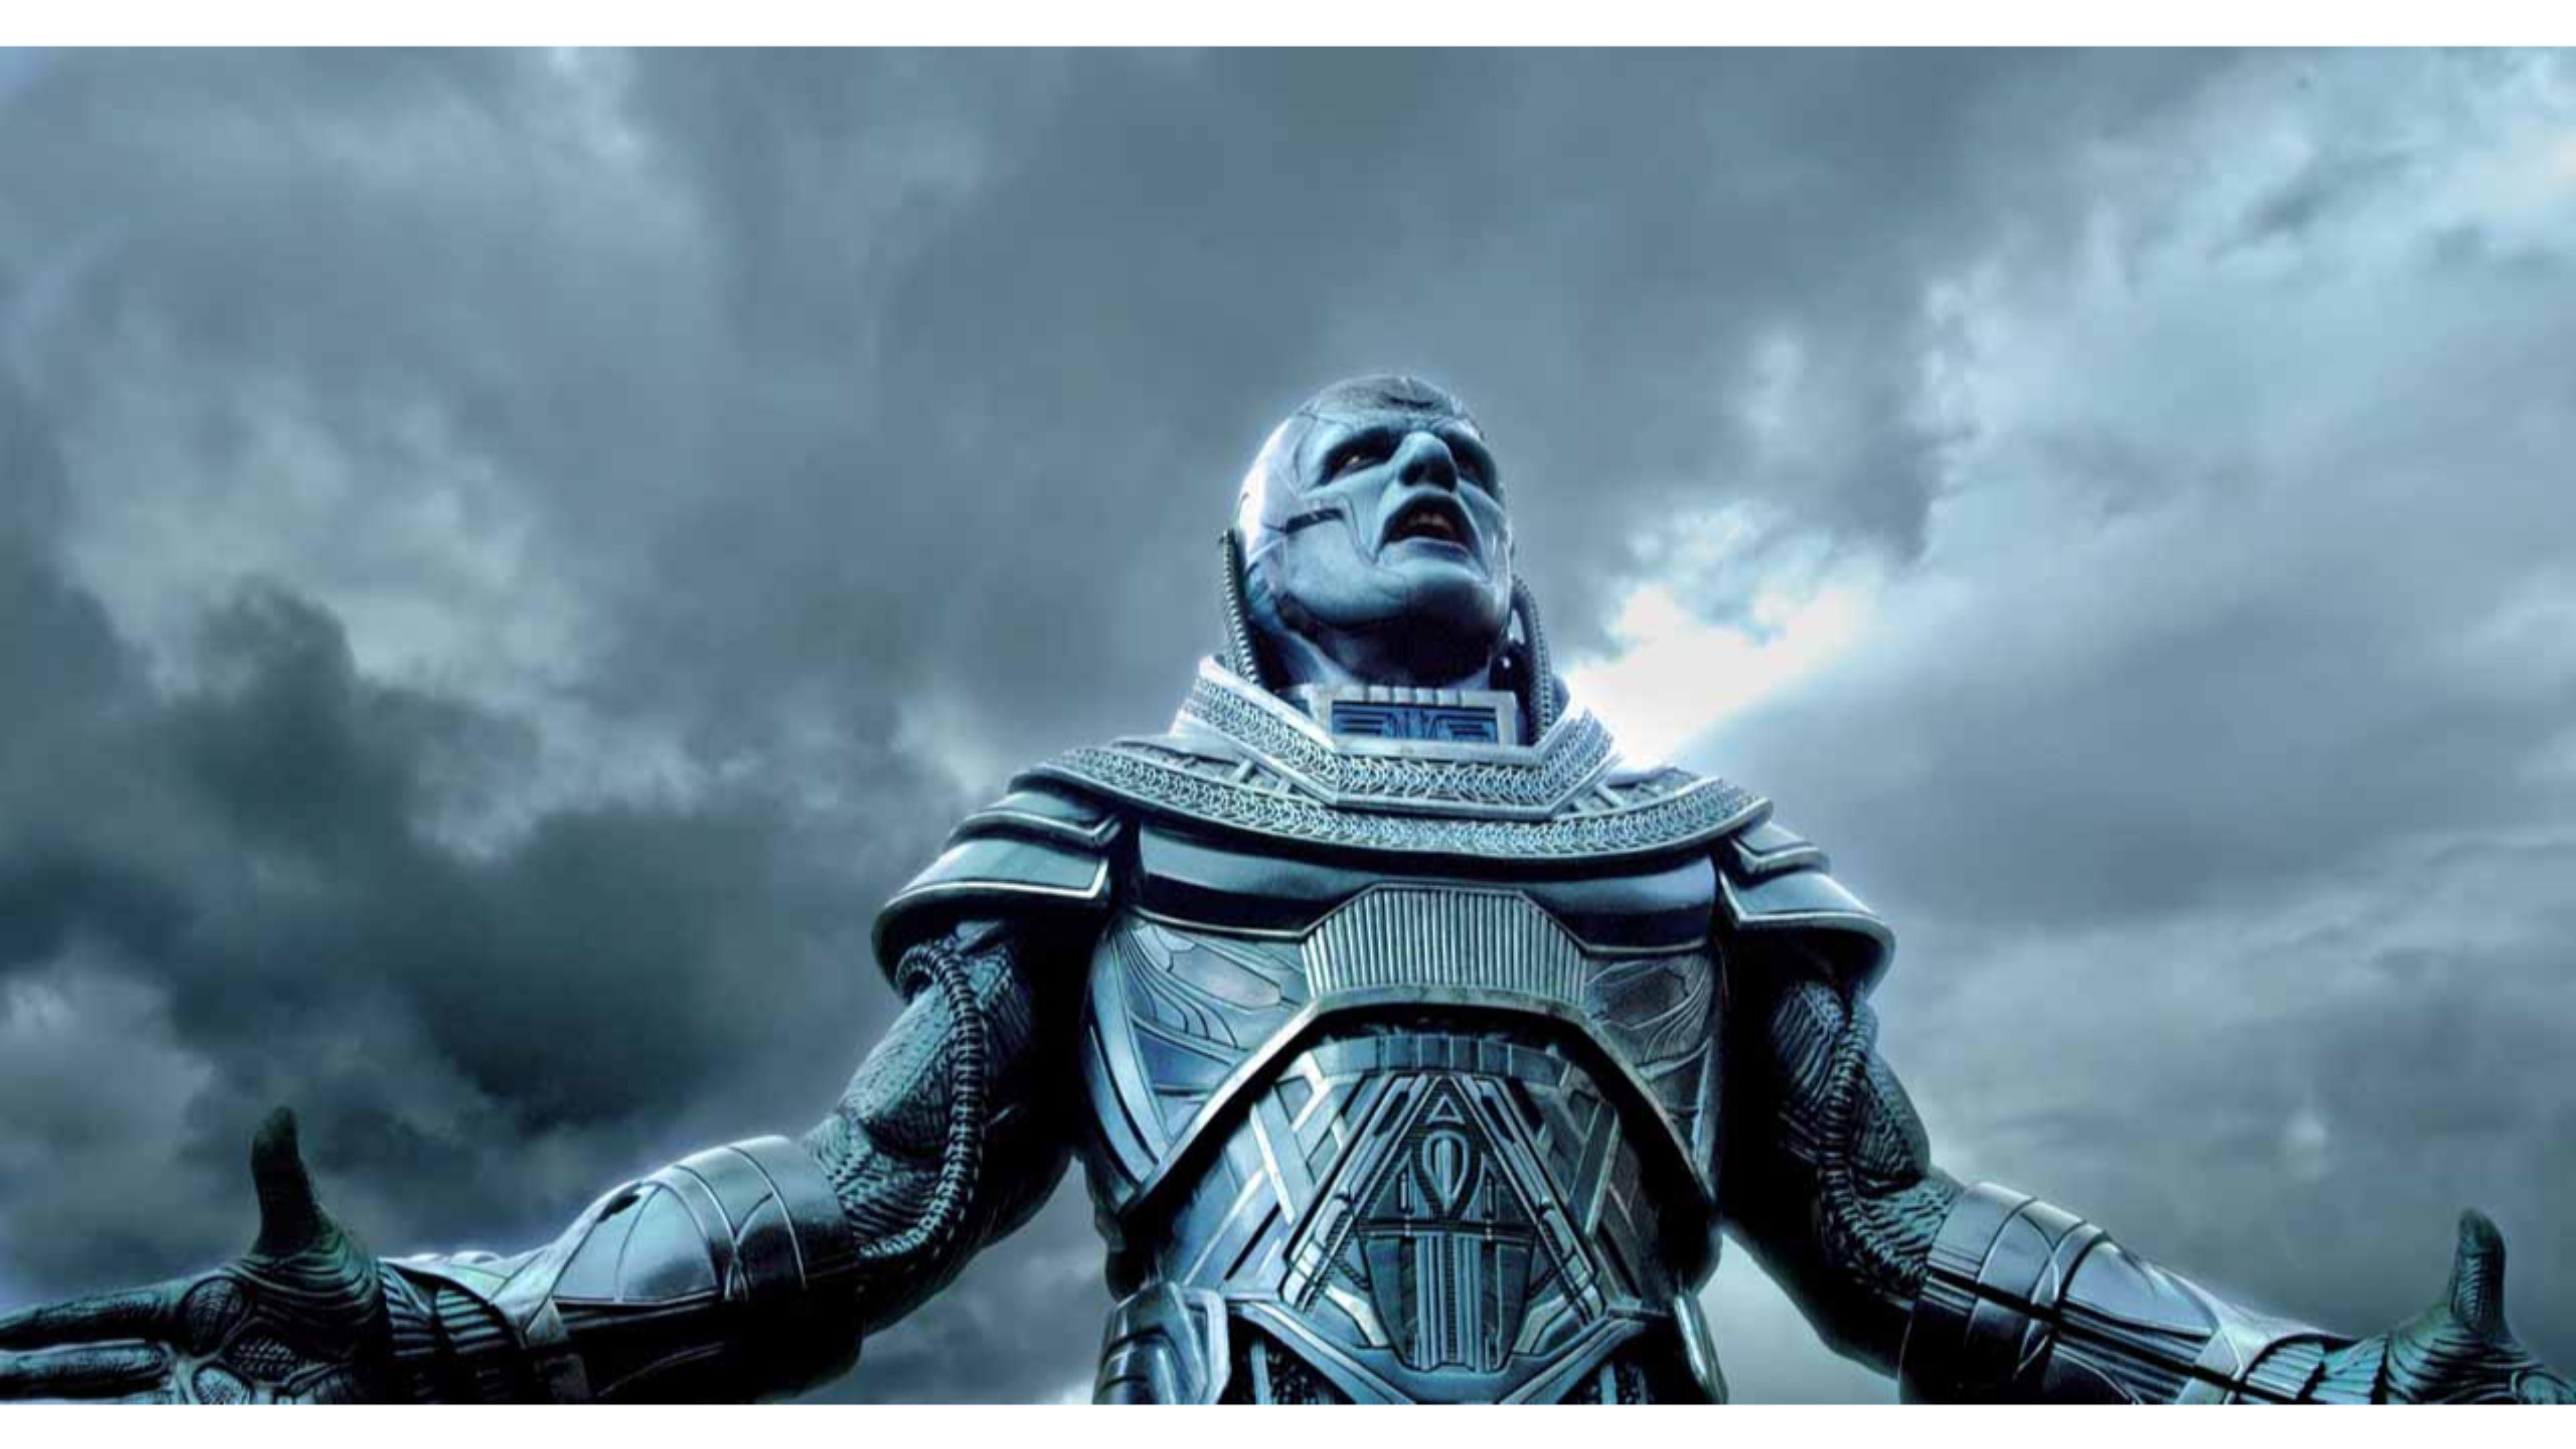 x-men-apocalipse-comparação-hq-filme-dionisio-arte-5